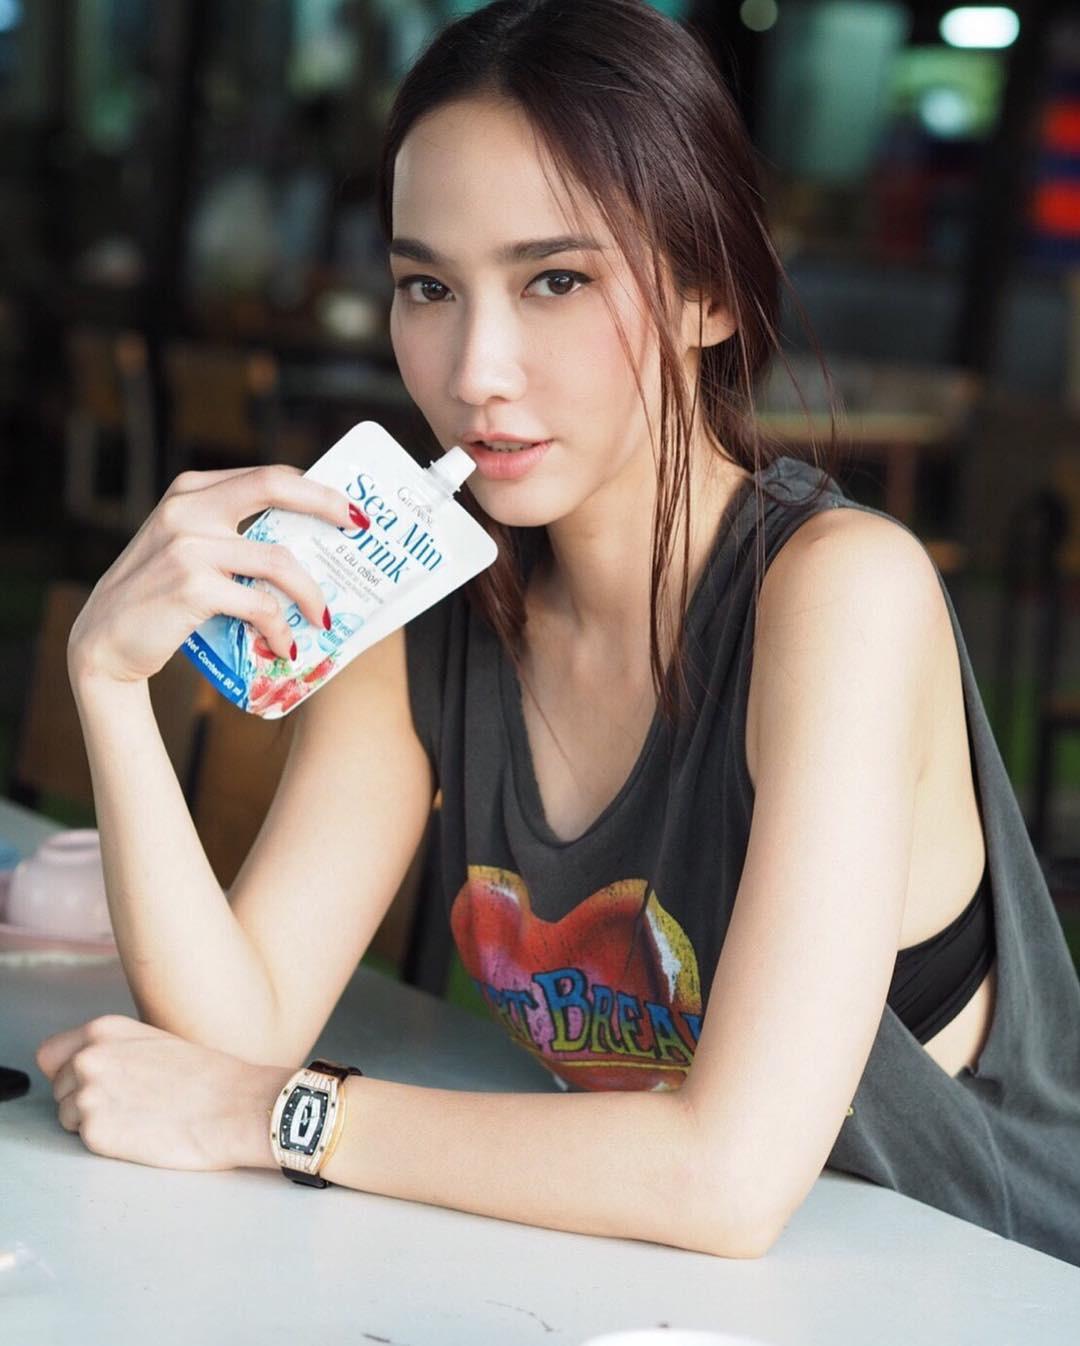 nhung-nu-hoang-sac-dep-thai-lan-so-huu-guong-mat-can-doi-van-nguoi-me2